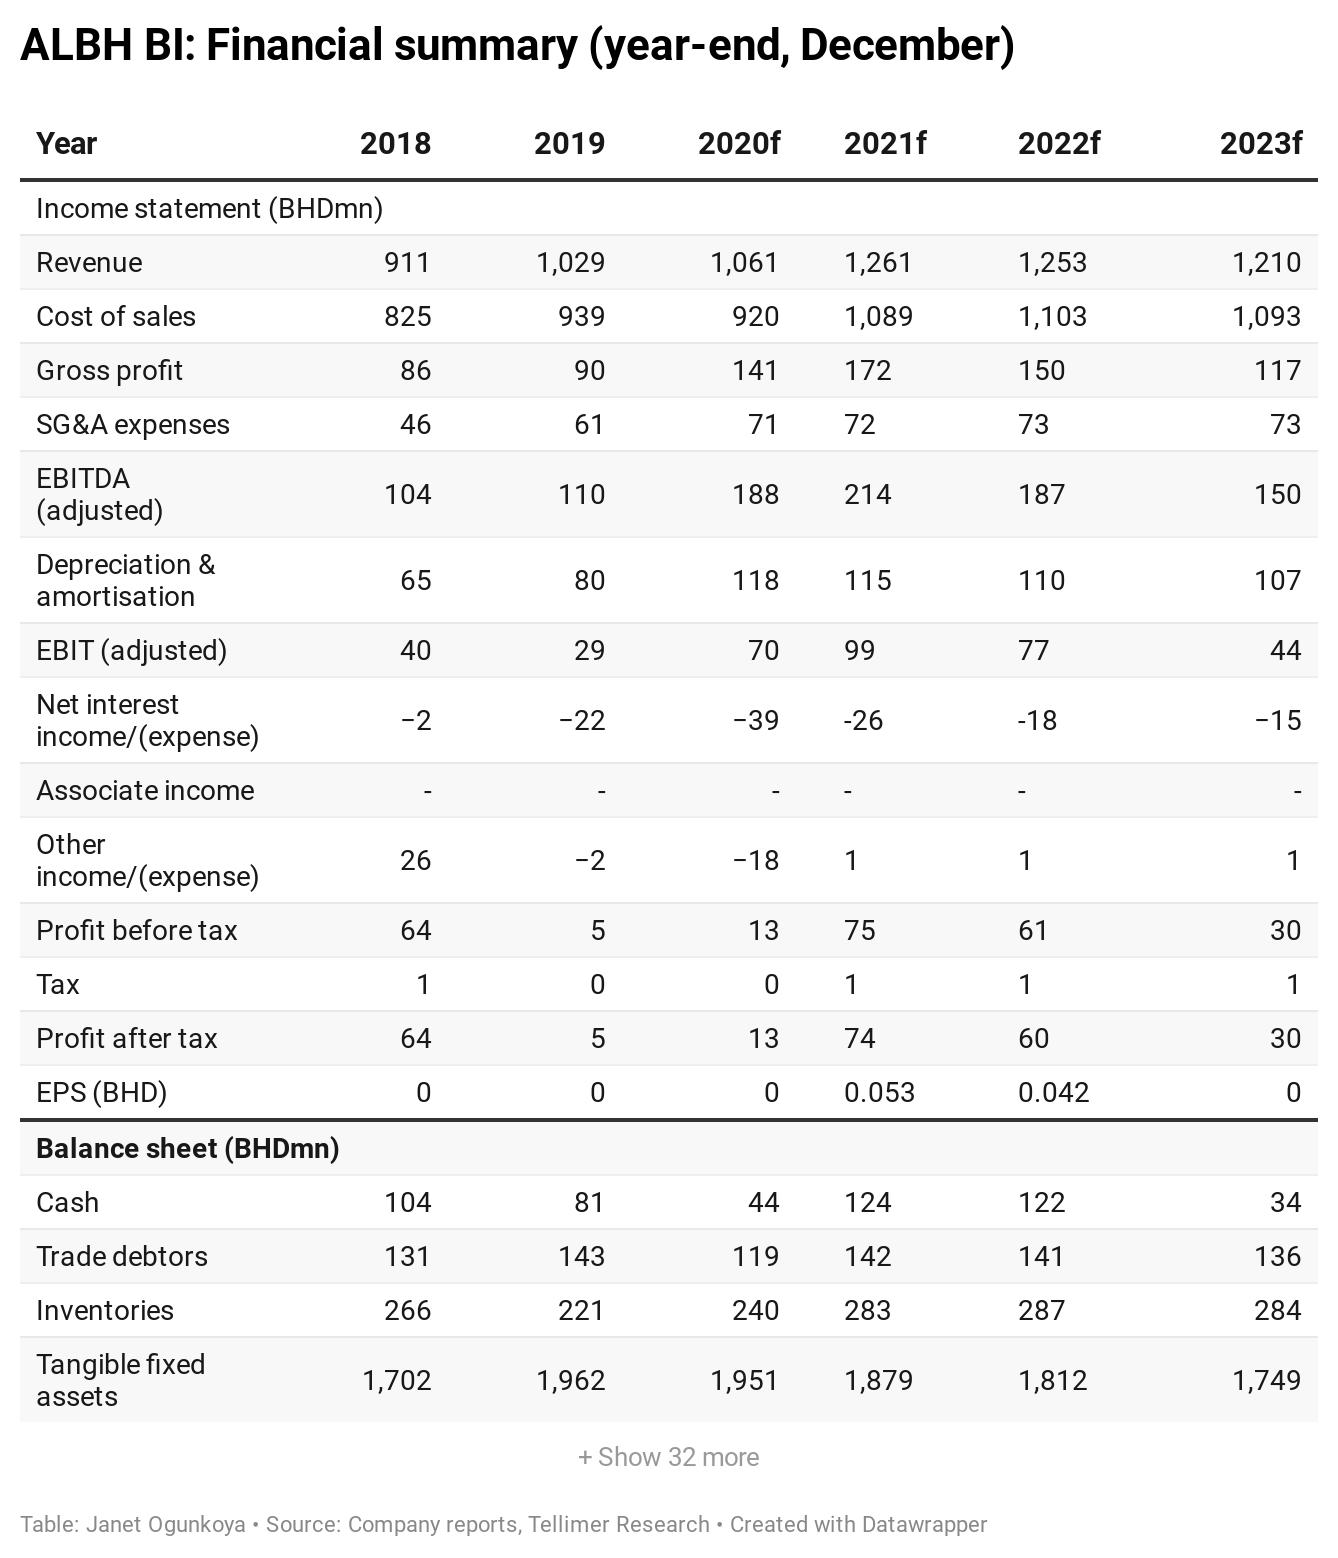 ALBH BI: Financial summary (year-end, December)